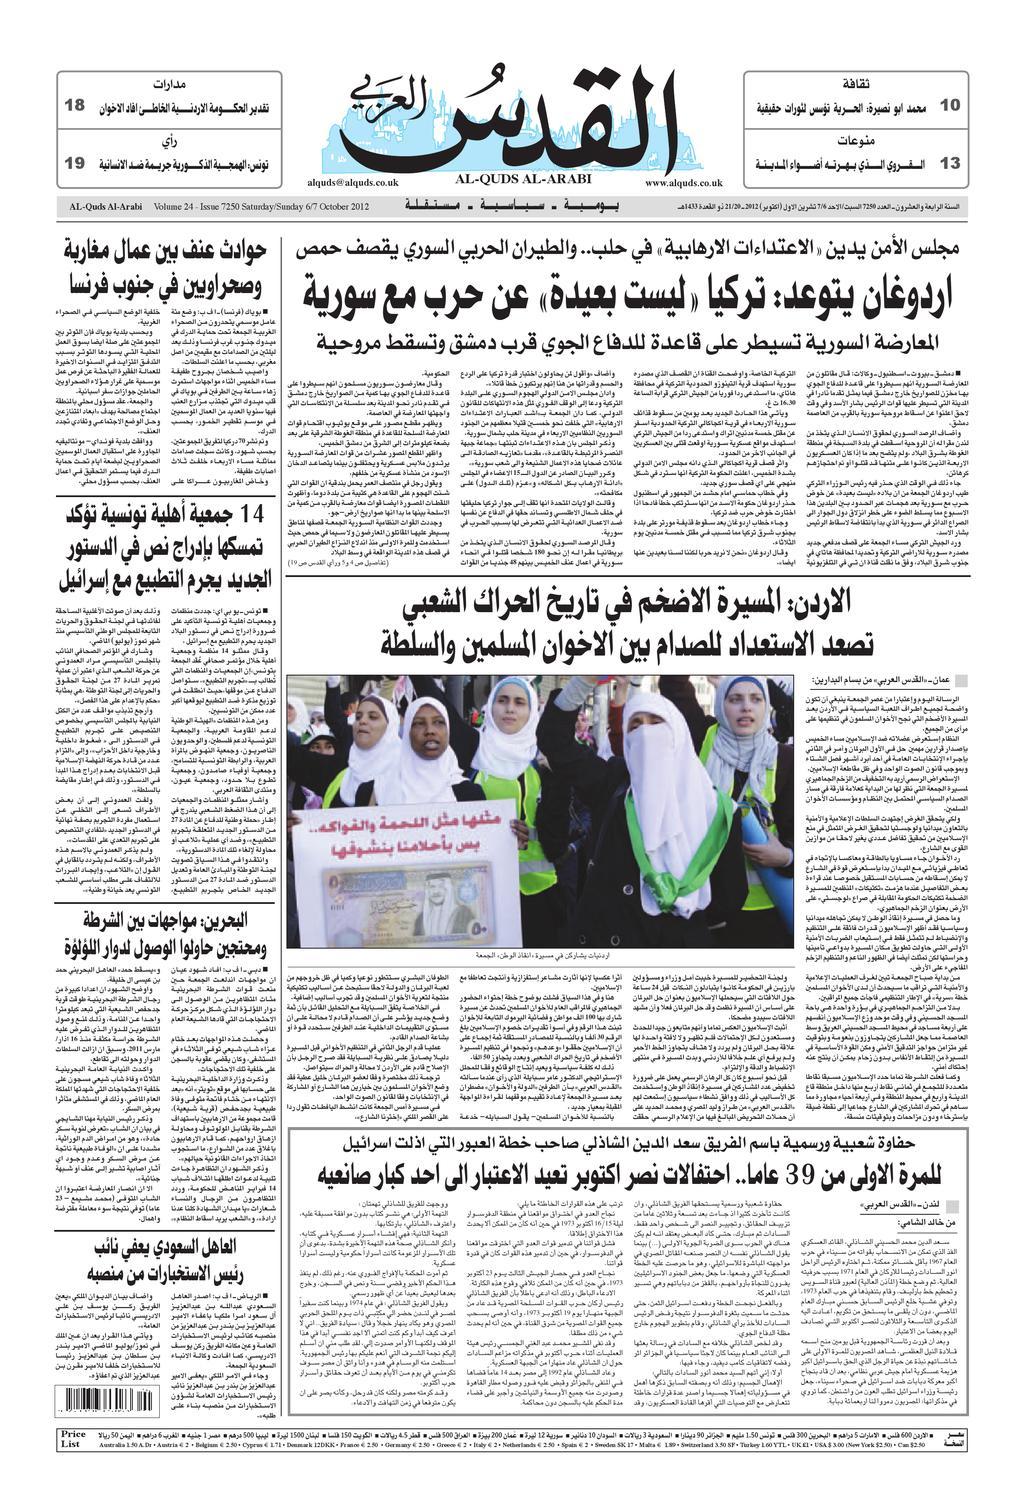 ee440b6ea صحيفة القدس العربي , السبت 06.10.2012 by مركز الحدث - issuu